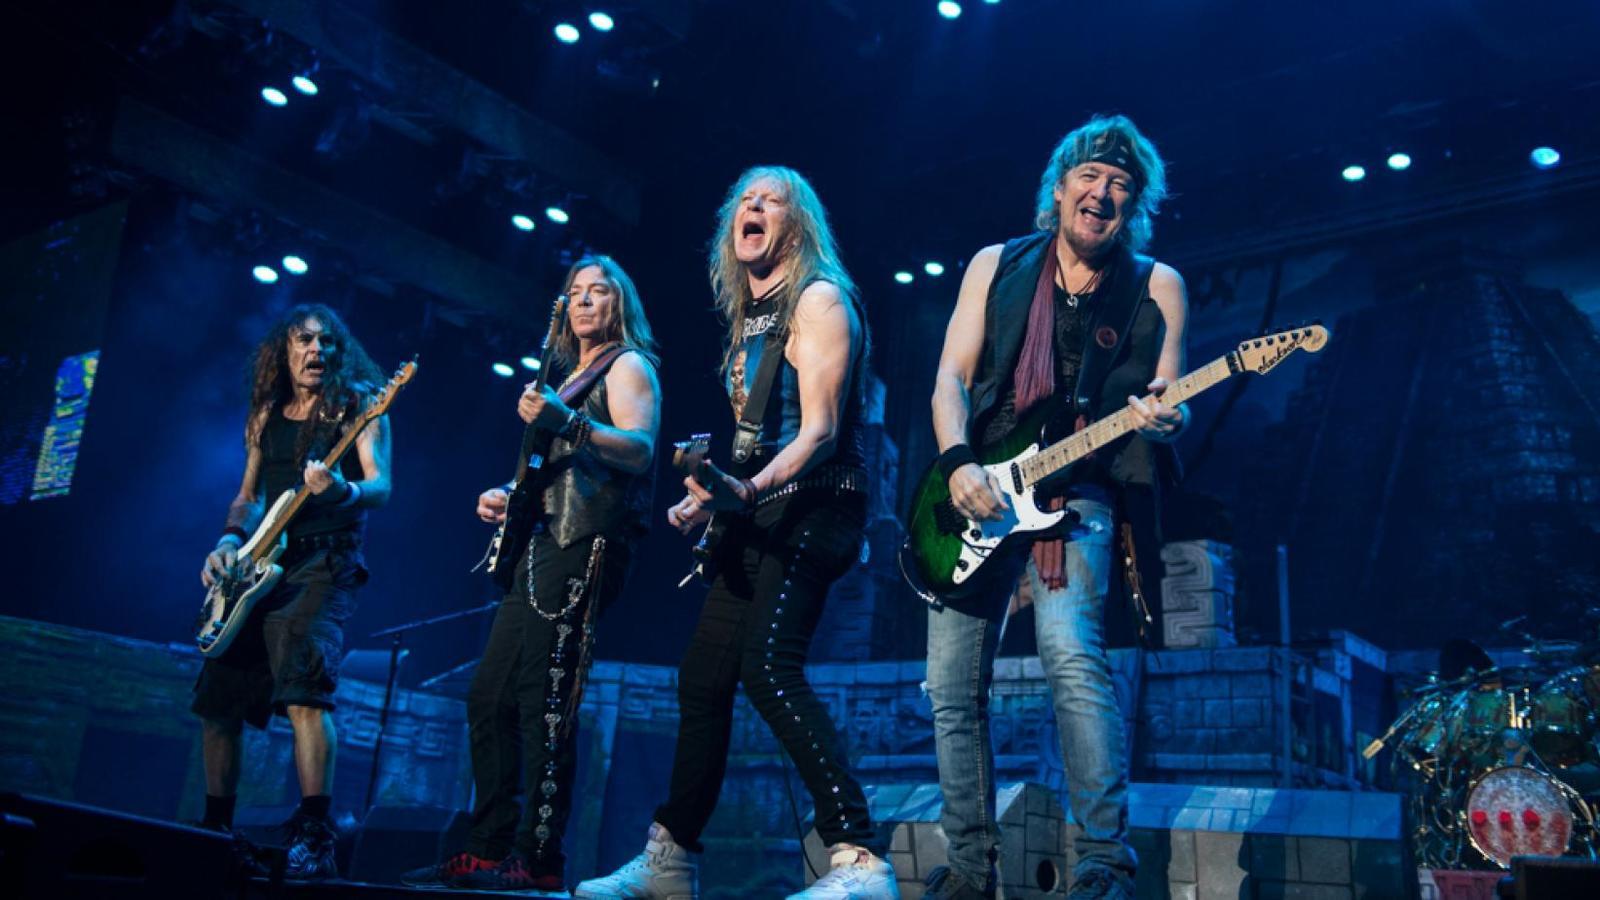 Iron Maiden returns to Mexico